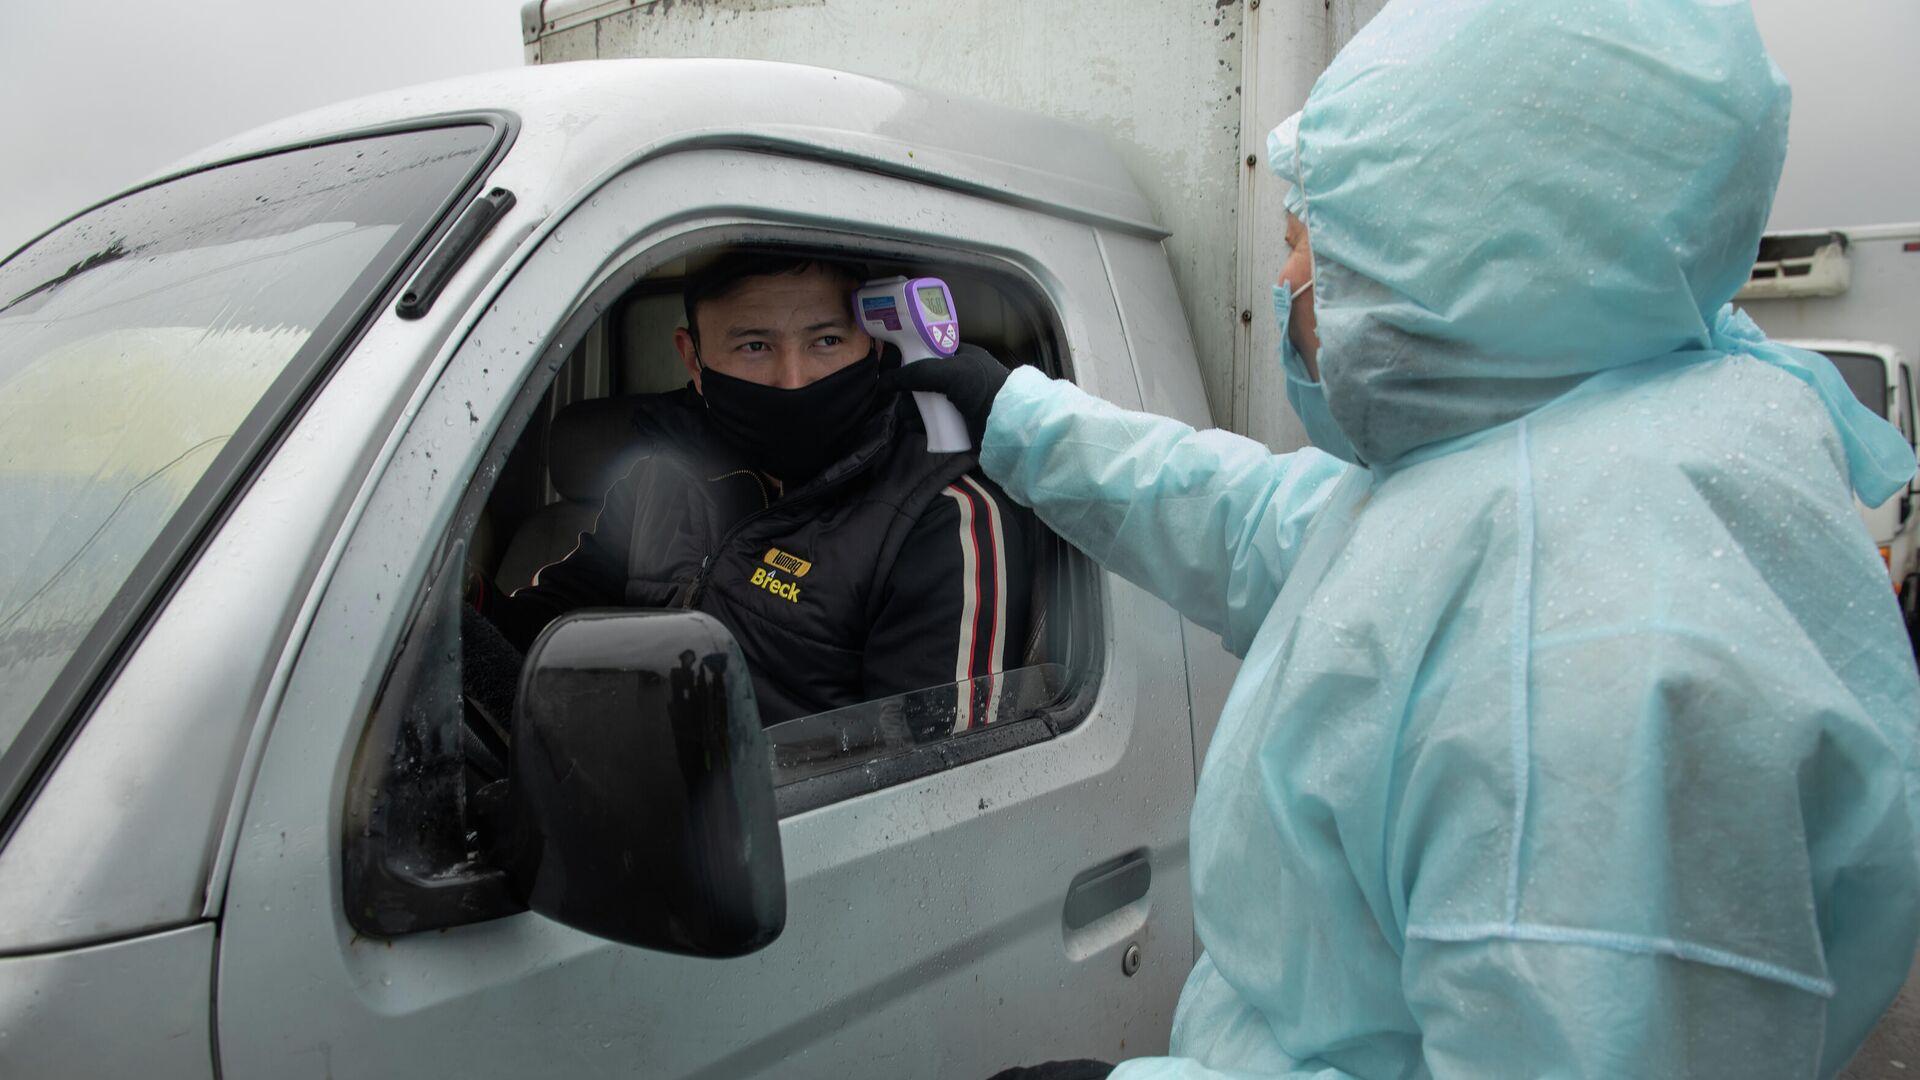 Медицинский работник проверяет температуру у водителя на блокпосте при въезде в Алма-Ату - РИА Новости, 1920, 04.11.2020